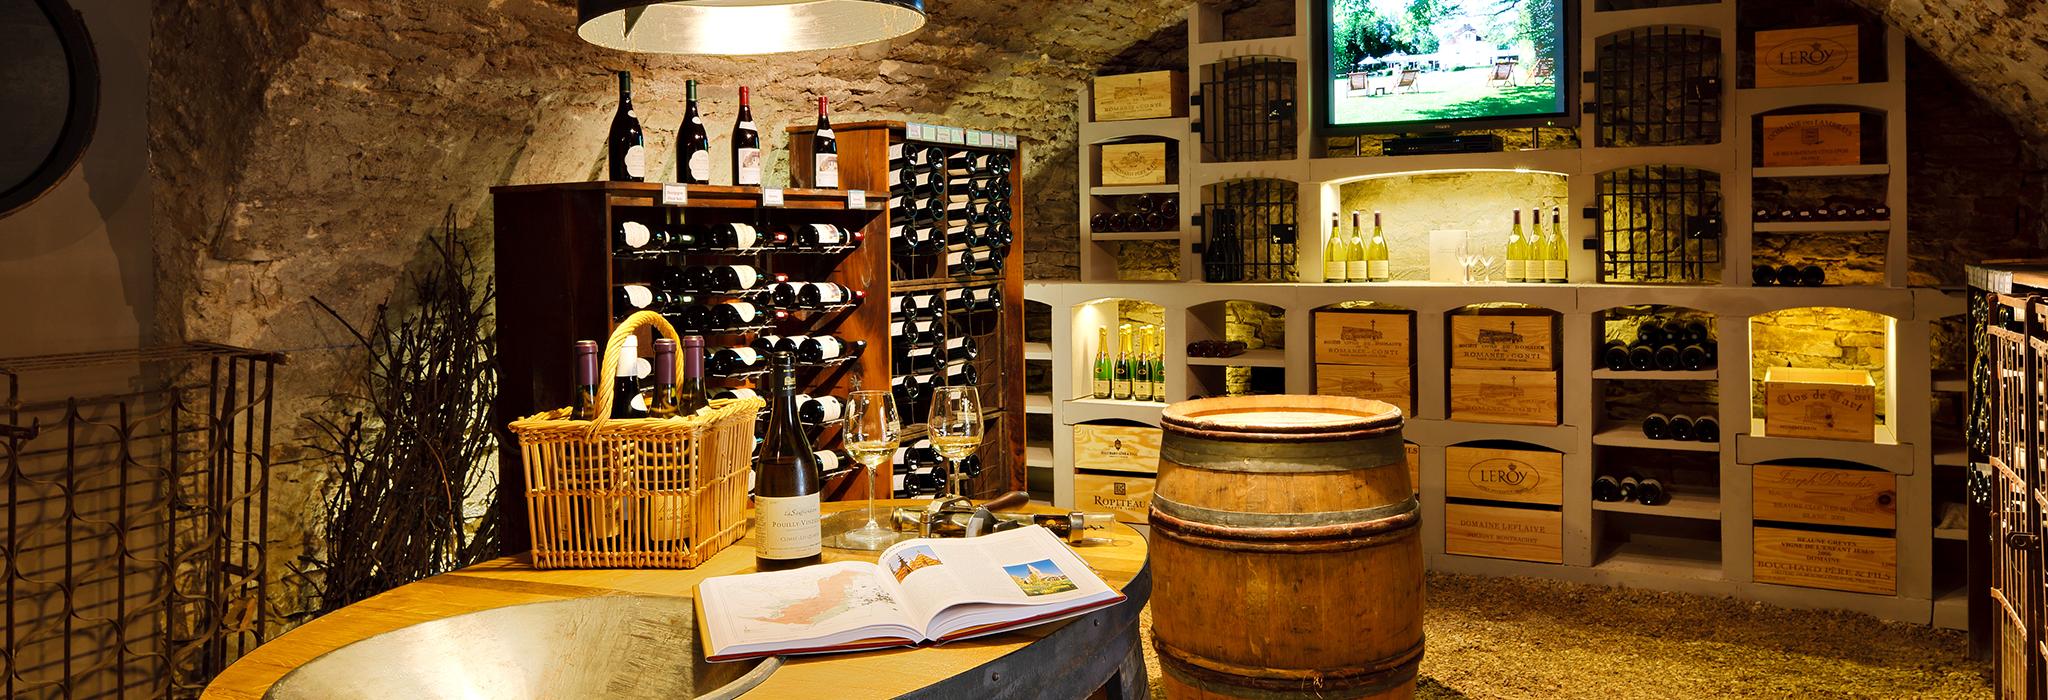 Le Vin est un professeur de goût, il est le libérateur de l'esprit et l'illuminateur de l'intelligence